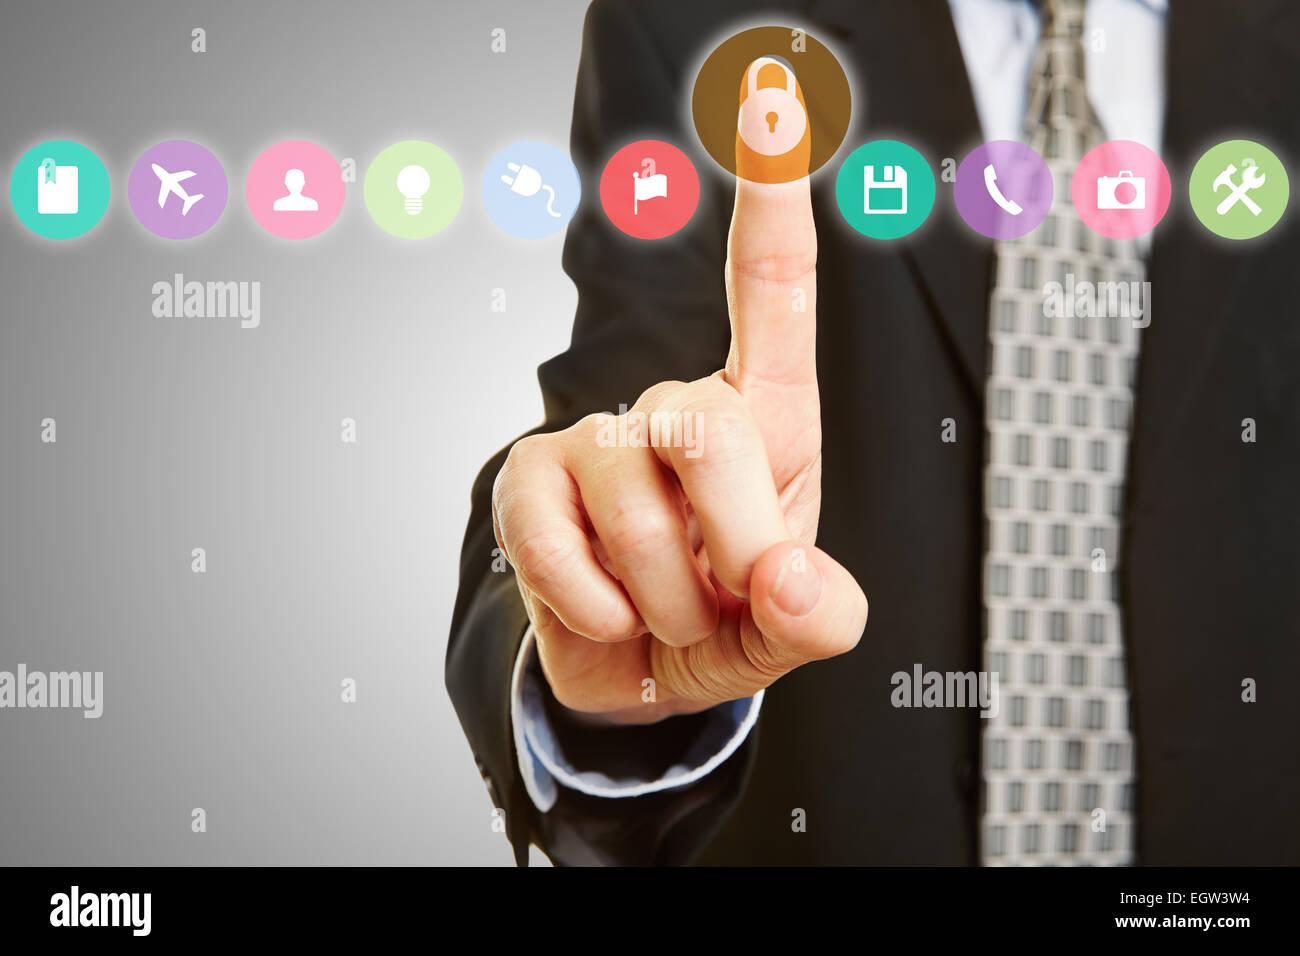 Konzept Für Datenschutz Und Verschlüsselung Mit Hand Und Schloss Auf Einem Touchscreen Stockbild